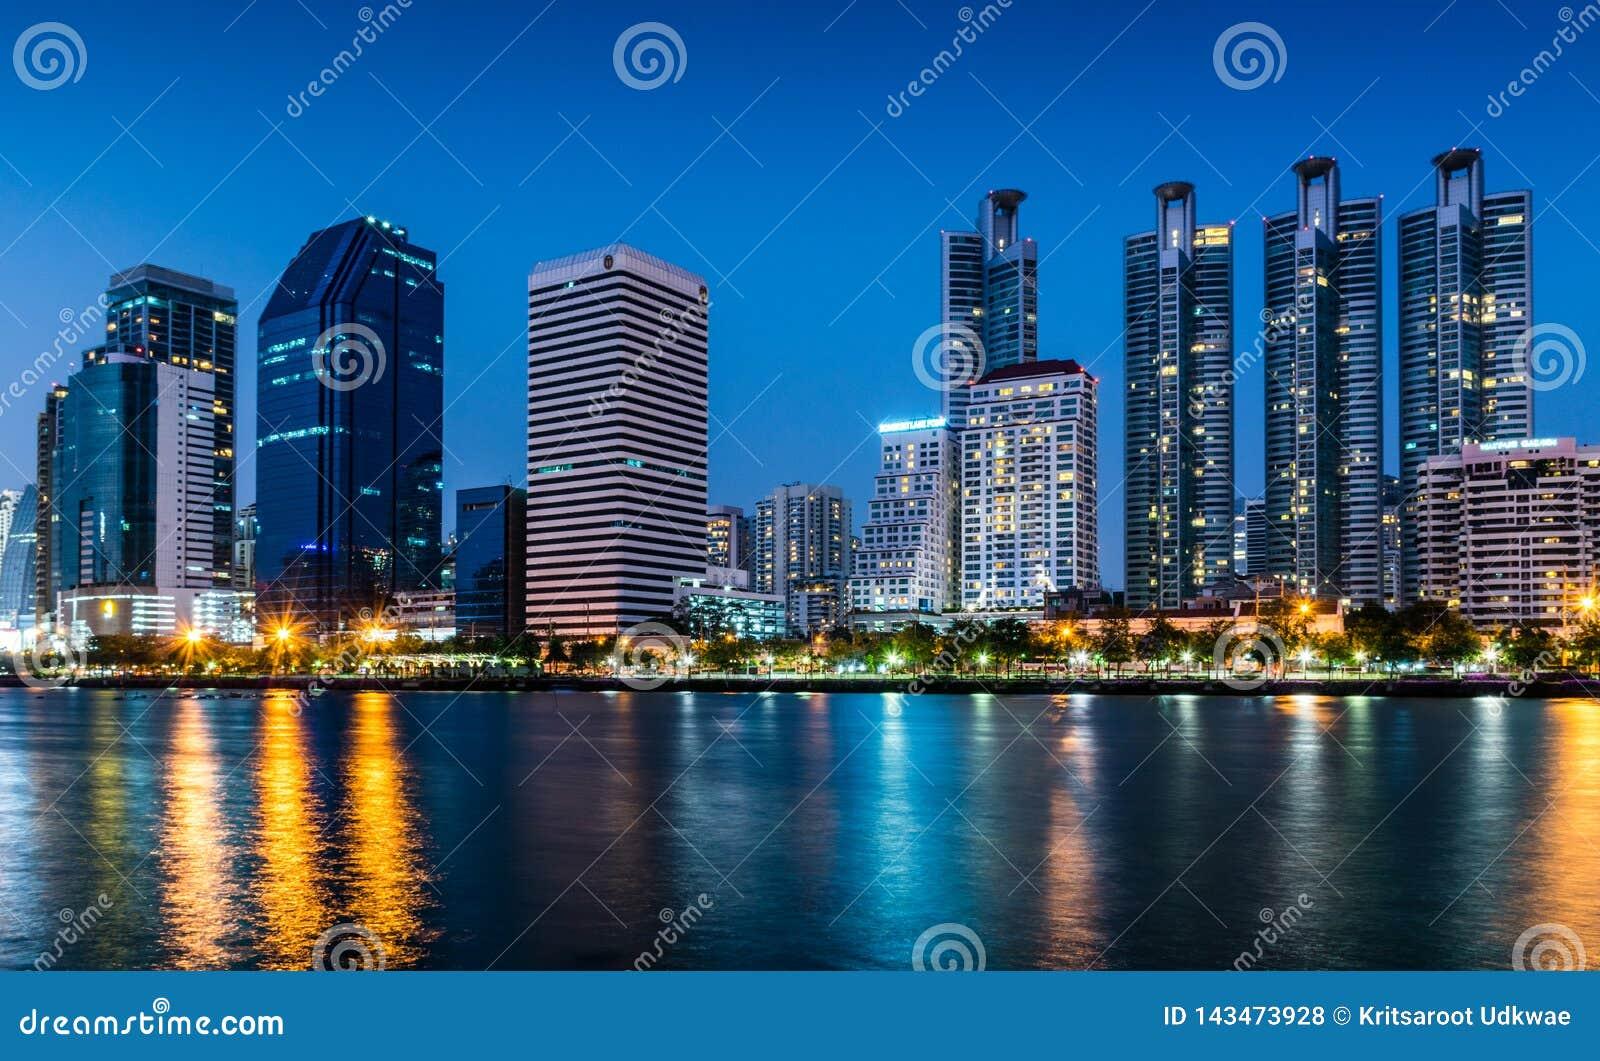 Ansicht von Stadtbild in der Nacht mit Licht von Gebäuden in Bangkok, Thailand